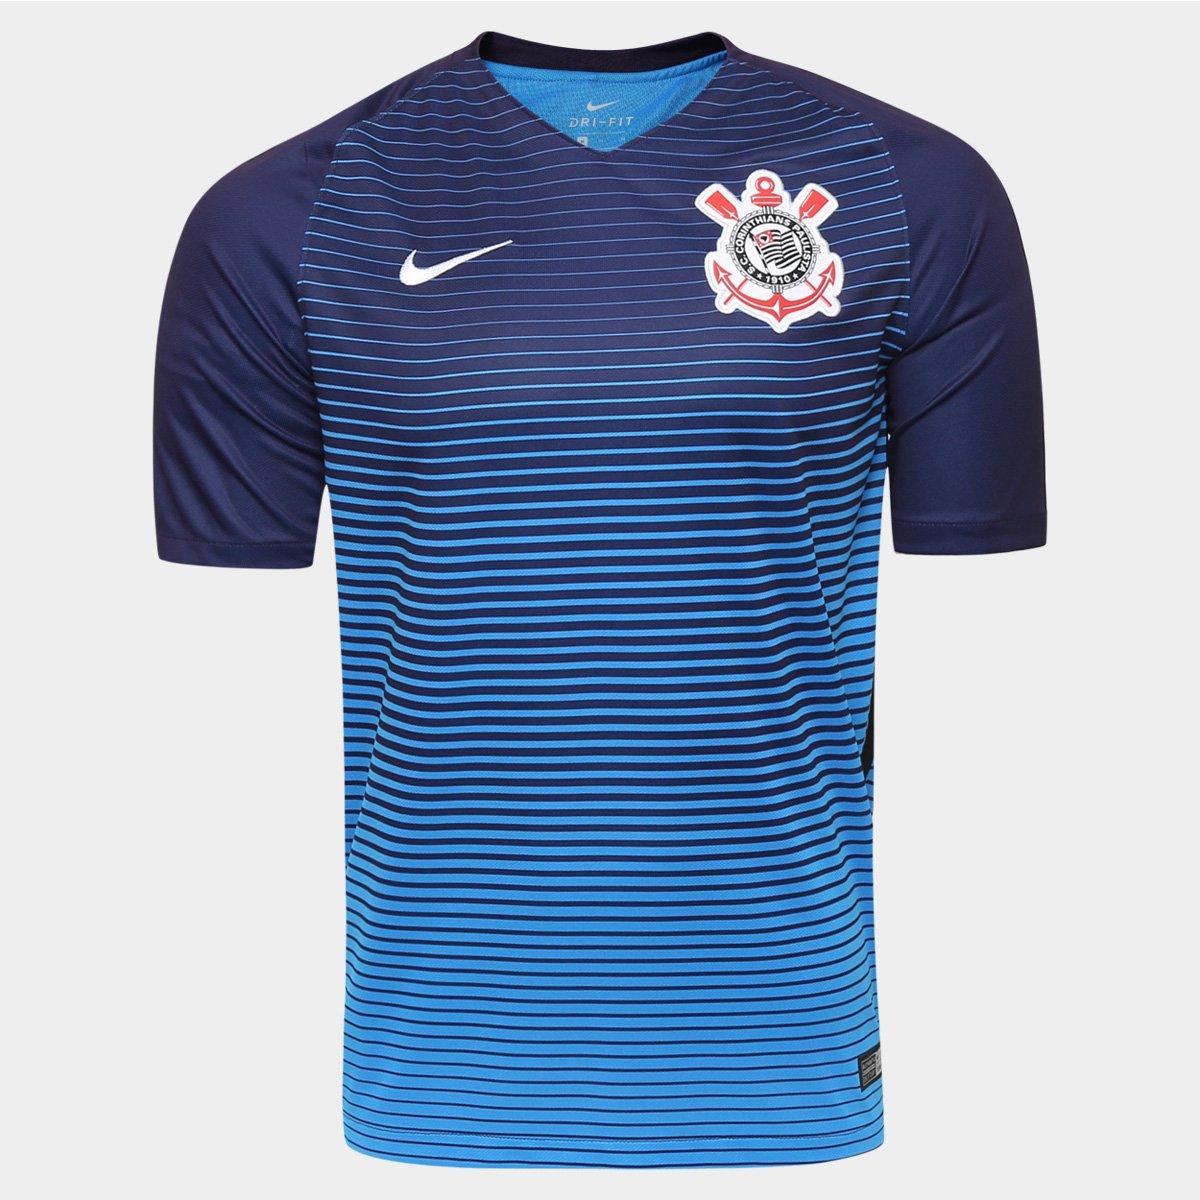 ae27ecd4ef983 Camisa Corinthians III 2016 s nº Torcedor Nike Masculina